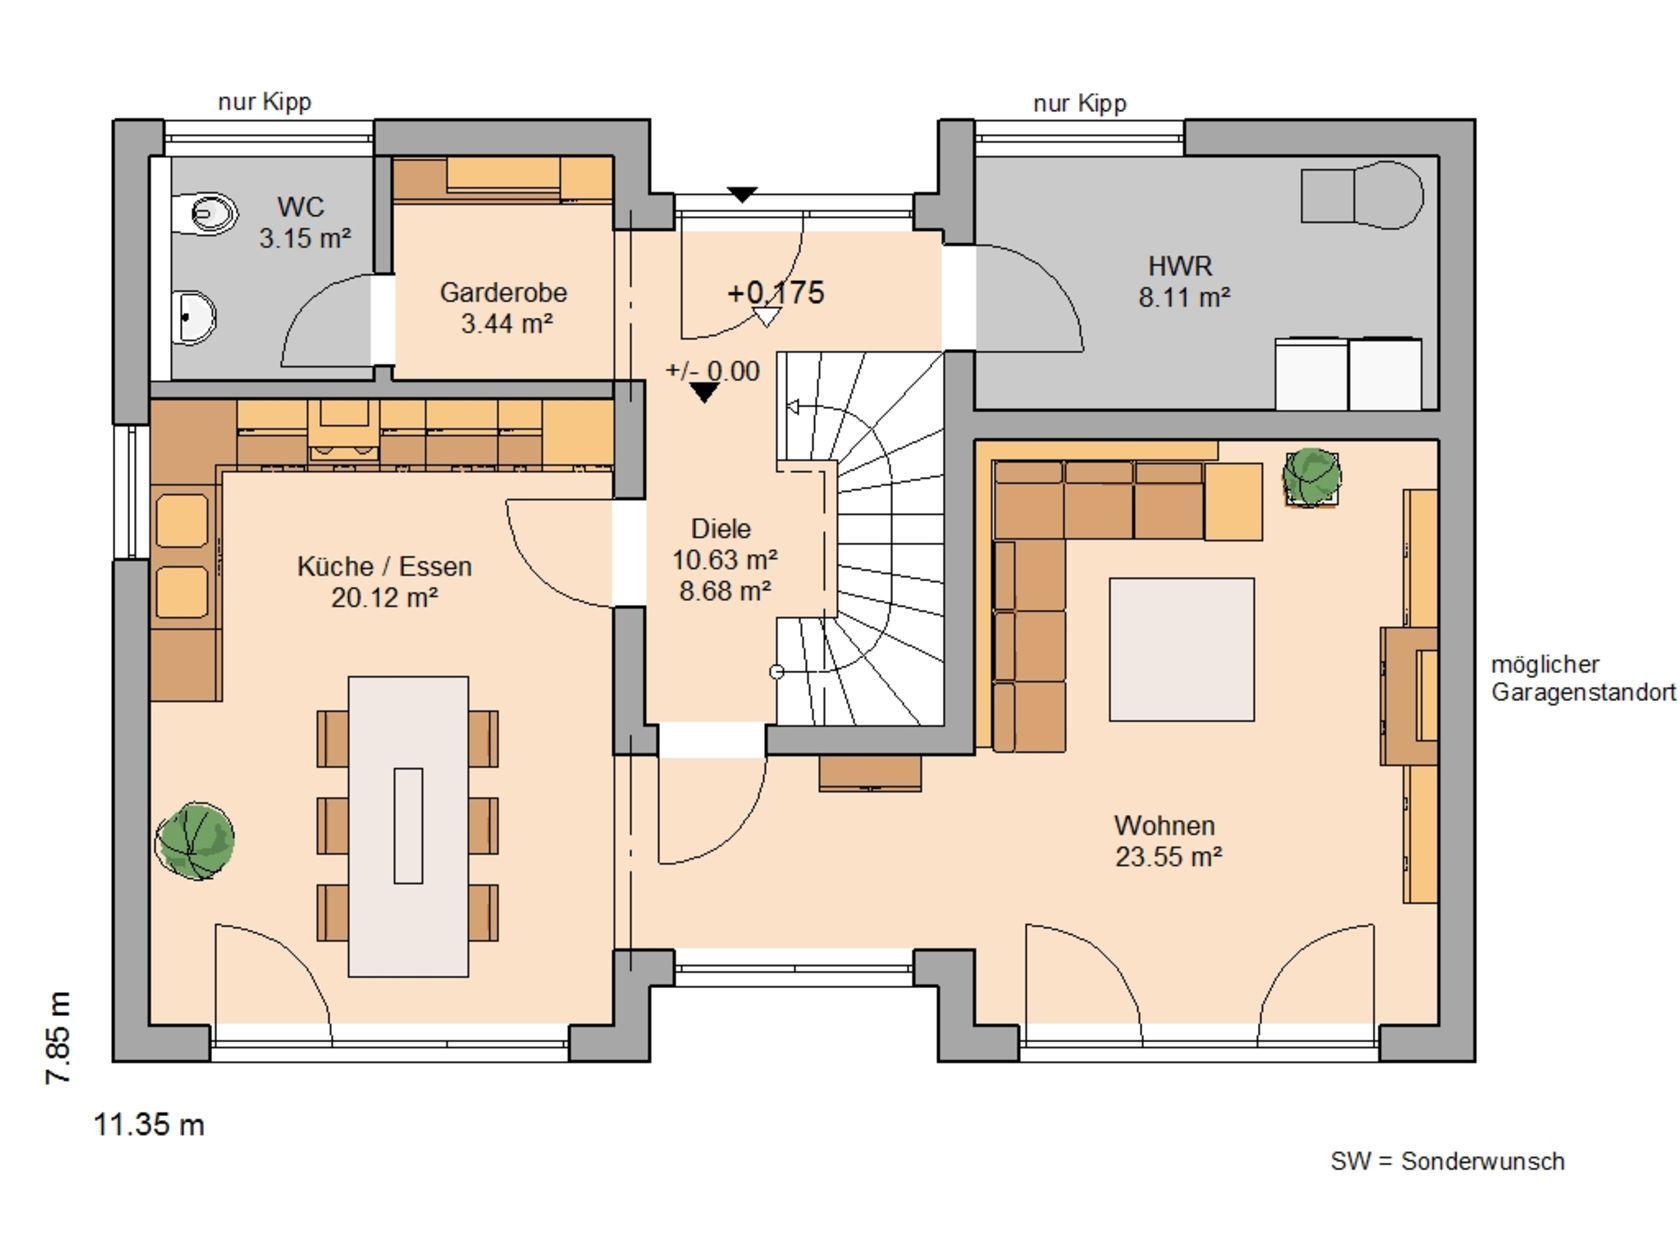 Grundriss einfamilienhaus modern erdgeschoss  Kern-Haus Familienhaus Vio Grundriss Erdgeschoss | P L A N S house ...